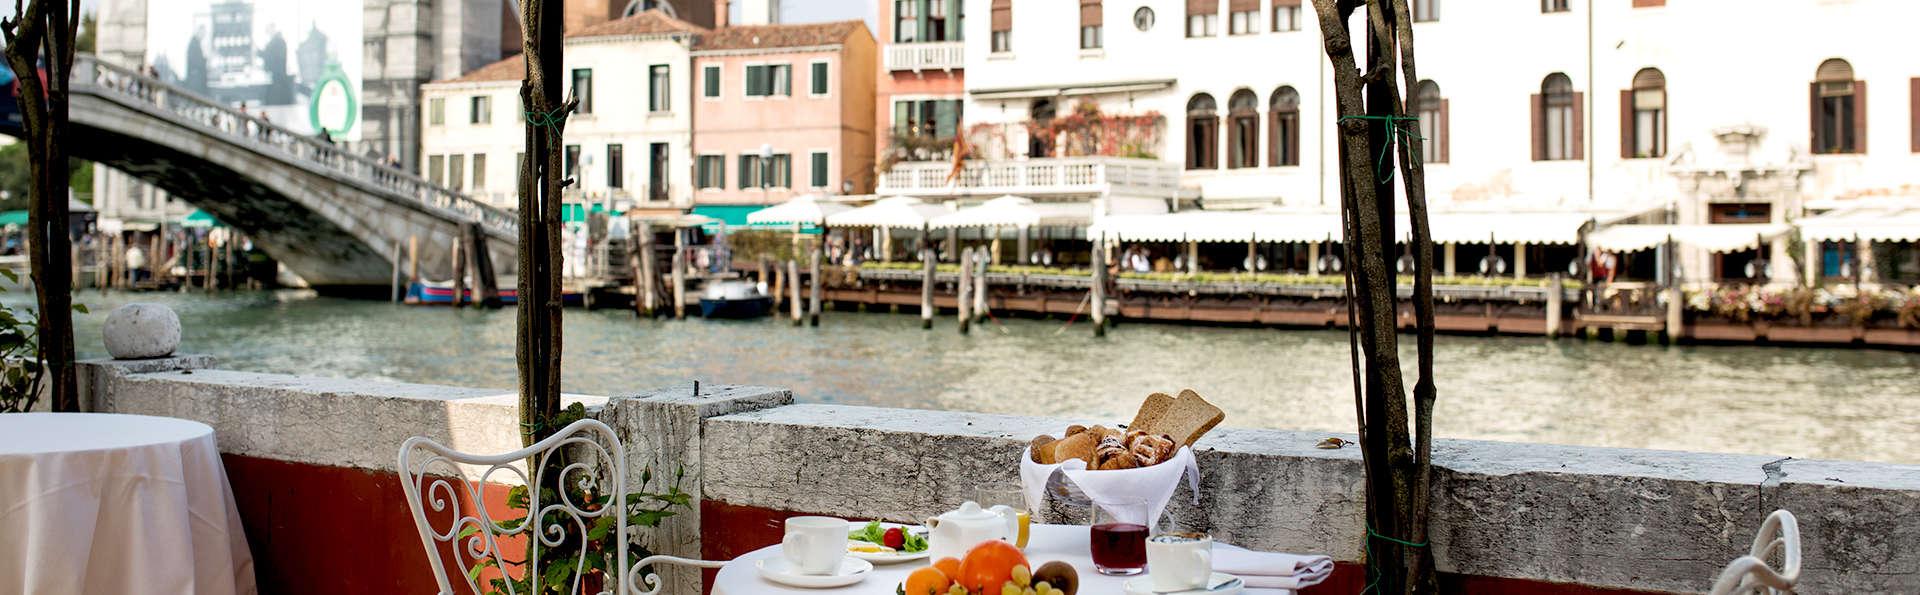 Séjournez dans un hôtel exclusif sur le Grand Canal